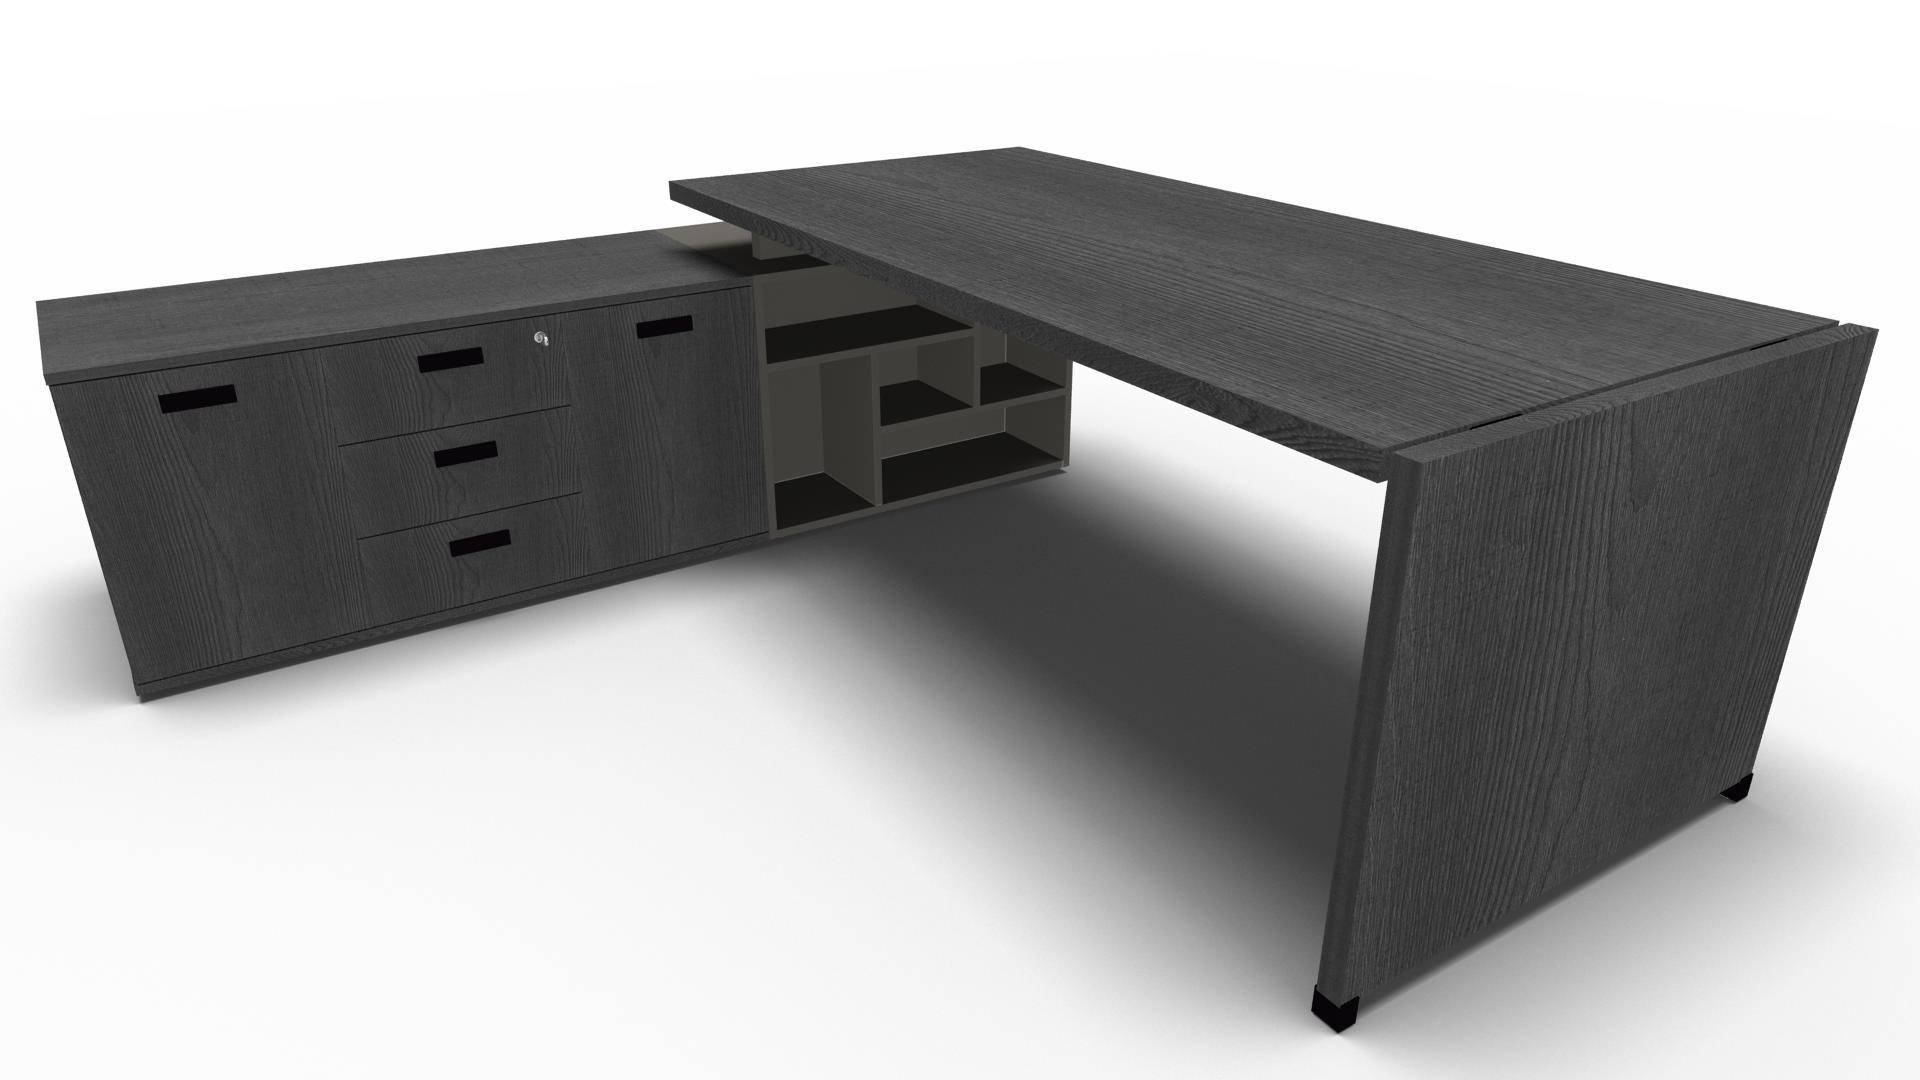 bureau avec console en retour direction fire 086 mobilier et fauteuil de bureau design amenagement. Black Bedroom Furniture Sets. Home Design Ideas